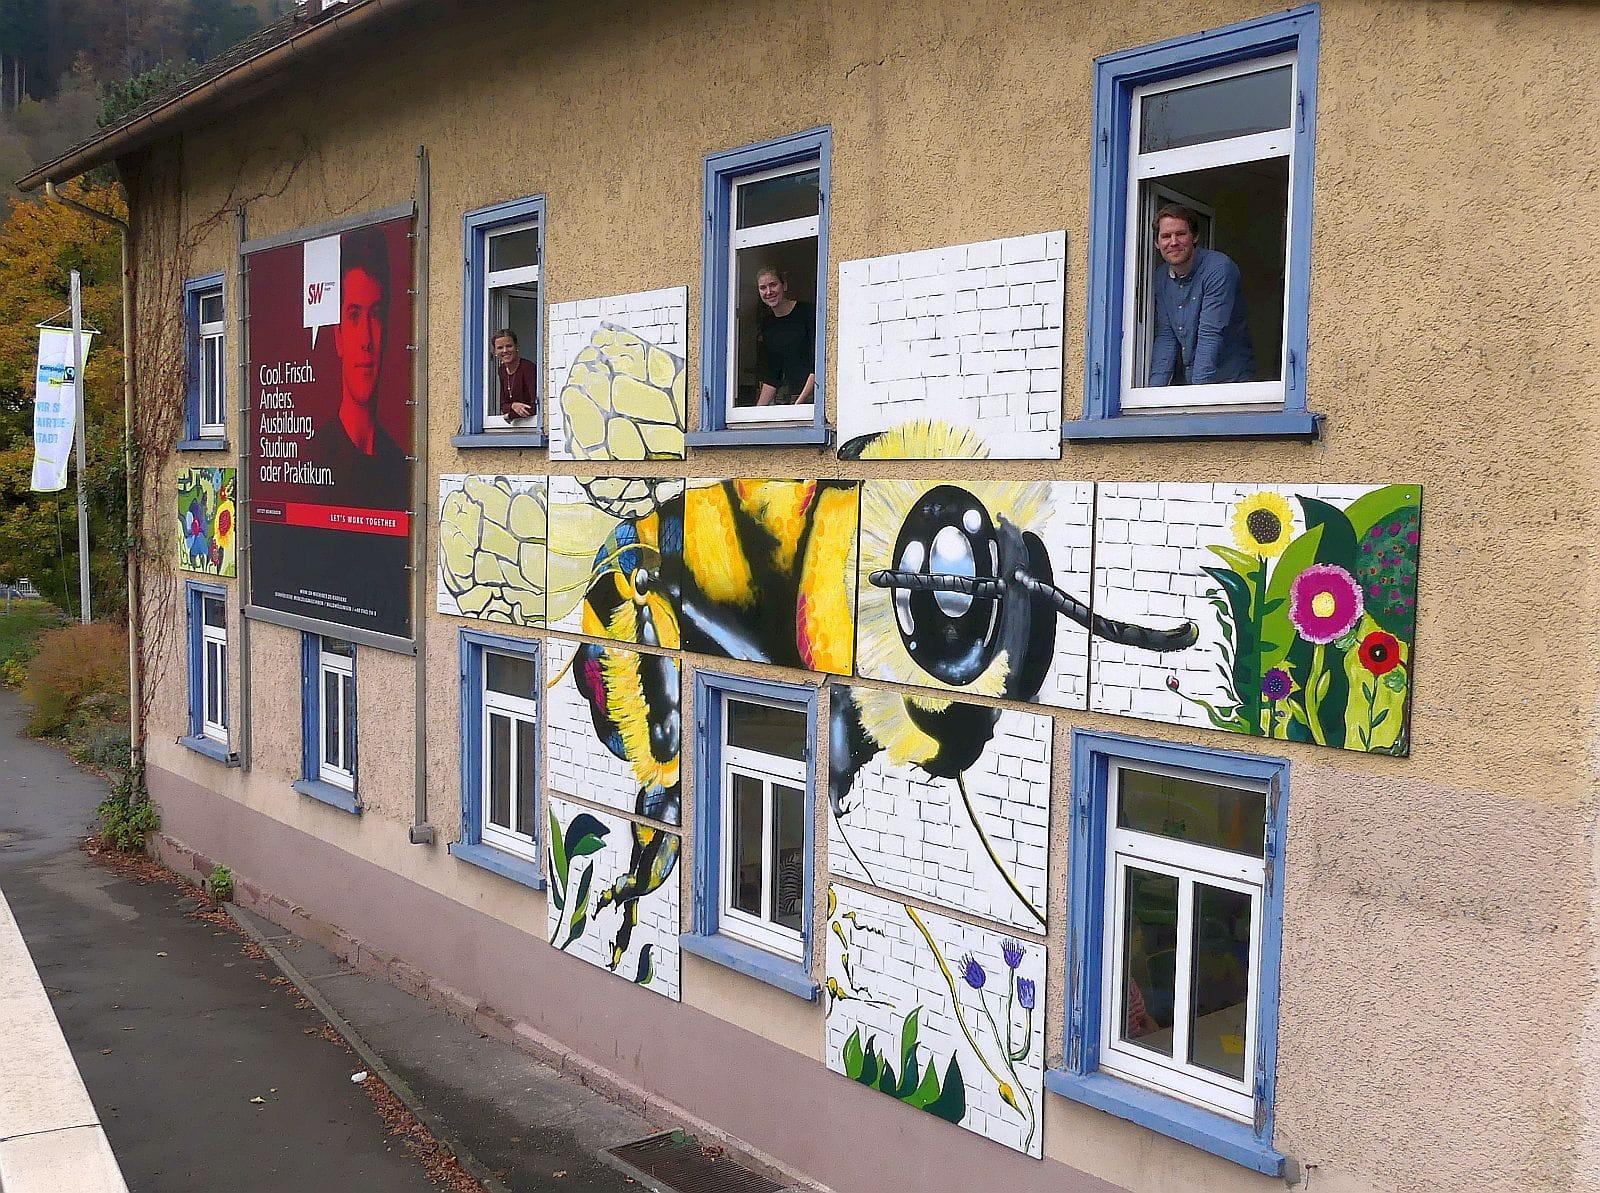 JUKS-Gebäude in Schramberg, Archiv-Foto: him